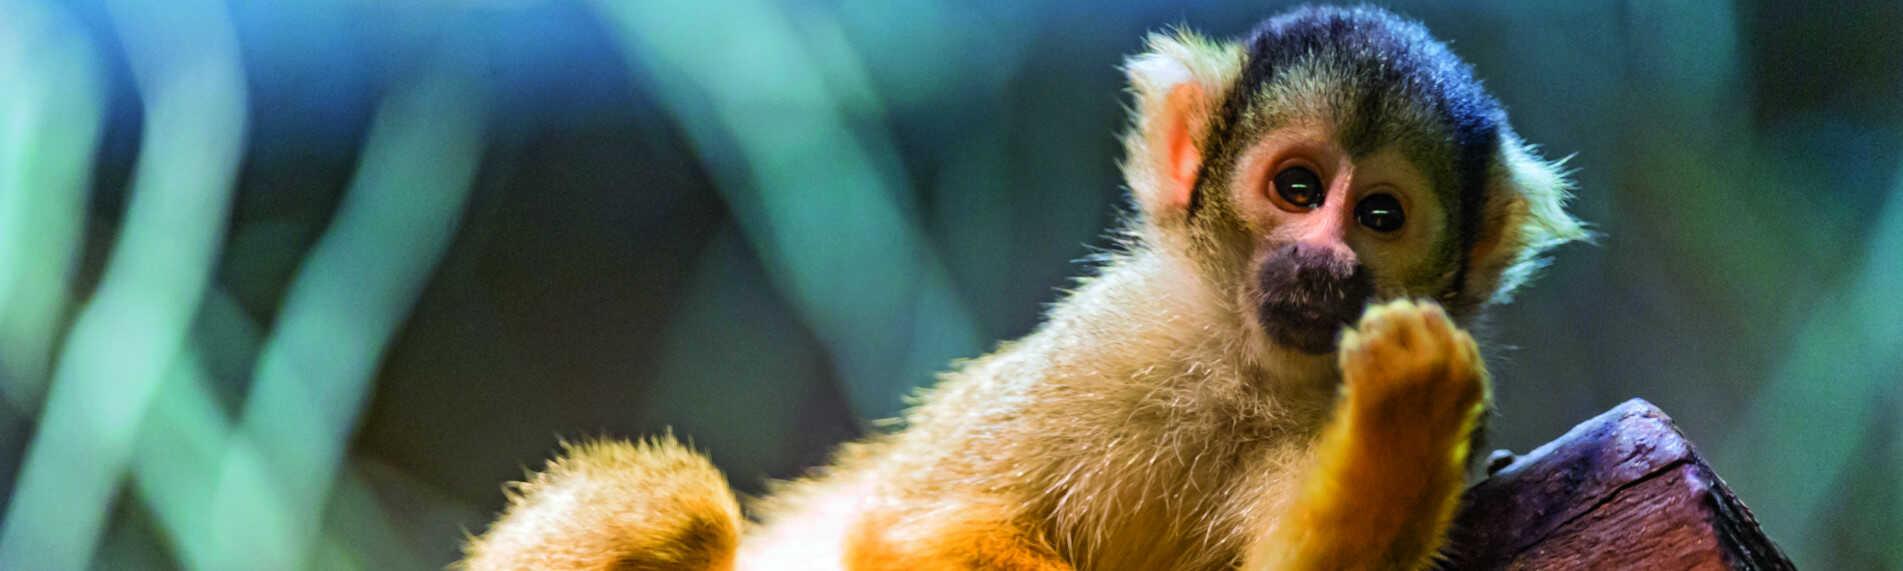 Luftbefugtning skaber godt indeklima hos aberne i Ree Park